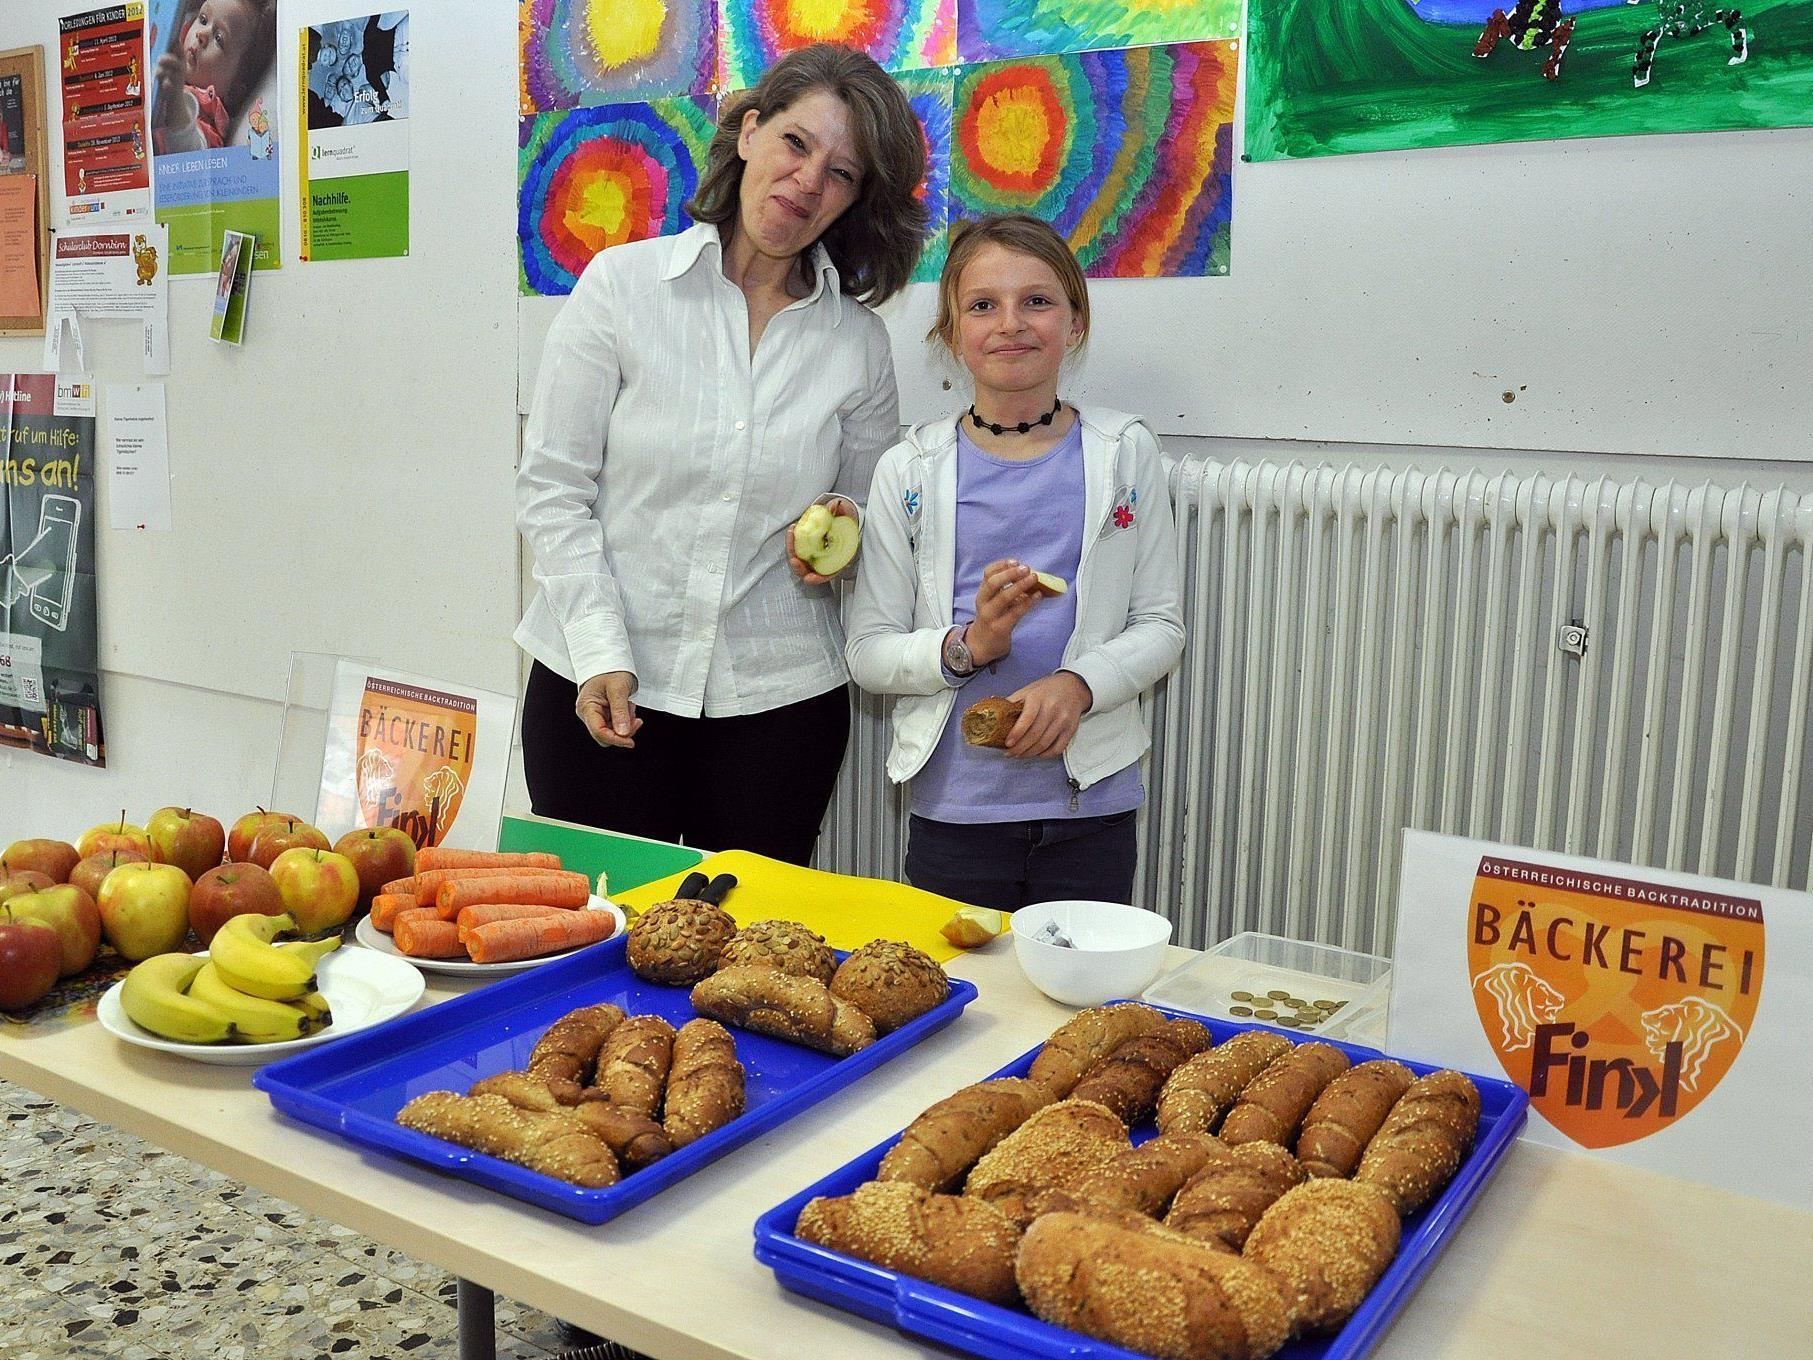 Leckere Vollkornbrötle und frisches Obst gibt es für die Oberdorfer Volksschüler.